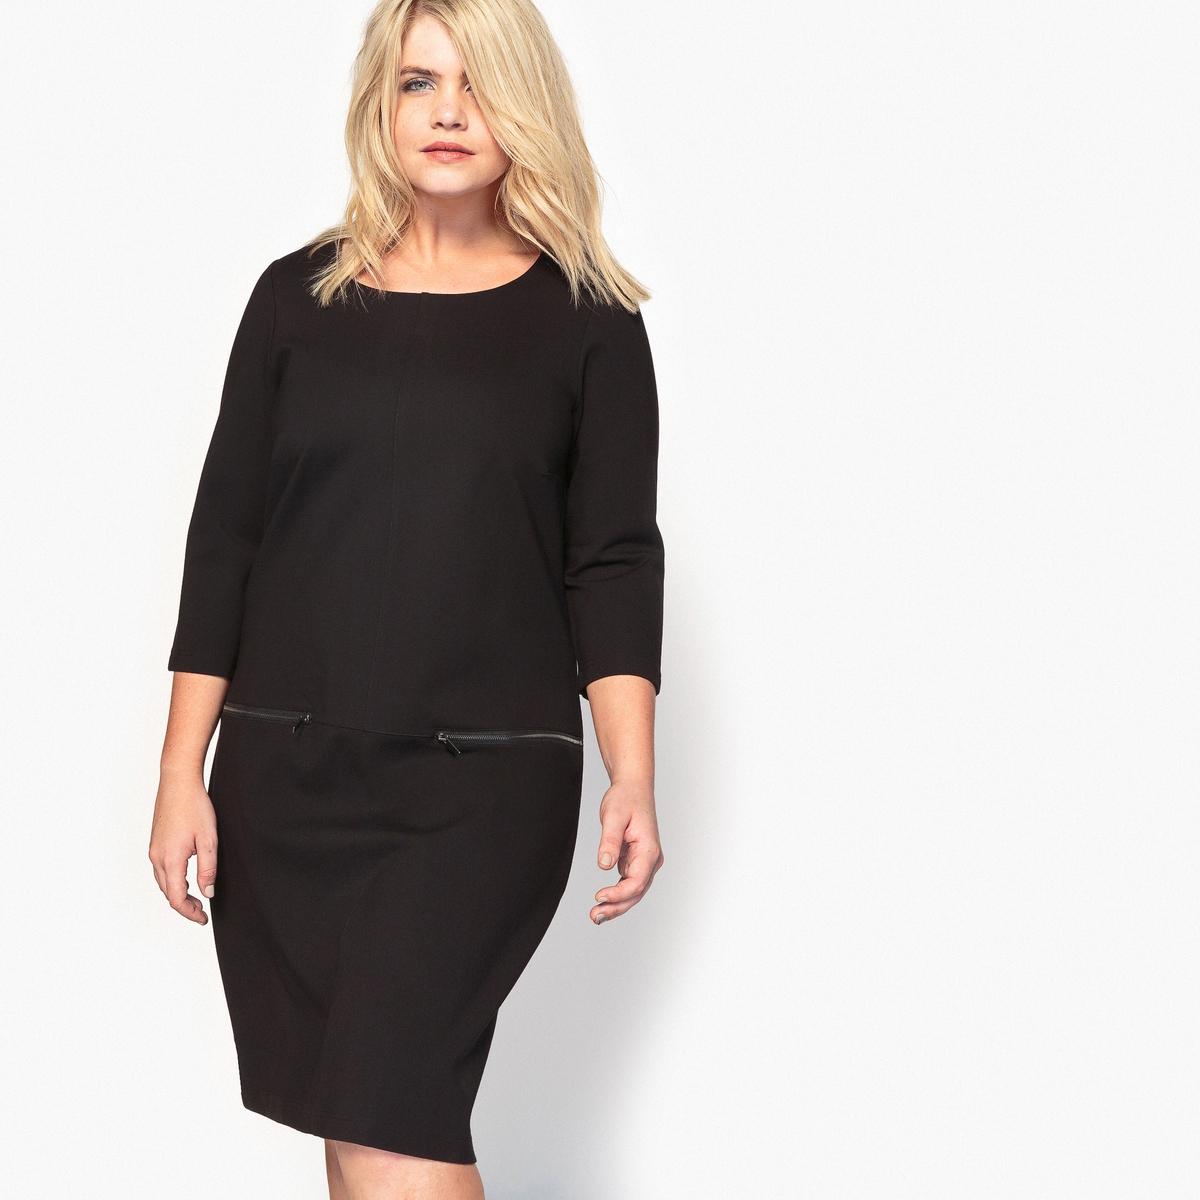 Платье прямое однотонное средней длины, с рукавами 3/4Красивое черное платье, которое должно быть у любой женщины . Гламурное и стильное, его можно надевать каждый день или на вечеринку, в этом платье есть все, чтобы вам понравиться . Детали •  Форма : прямая •  Длина до колен •  Рукава 3/4    •  Круглый вырезСостав и уход •  75% вискозы, 3% эластана, 22% полиамида •  Температура стирки при 30° на деликатном режиме   •  Сухая чистка и отбеливание запрещены •  Не использовать барабанную сушку   •  Низкая температура глажки   ВАЖНО: Товар без манжетТовар из коллекции больших размеров •  Красивое черное платье, которое должно быть у любой женщины  . •  2 горизонтальных кармана на молнии спереди . •  Длина : 98 см<br><br>Цвет: черный<br>Размер: 42 (FR) - 48 (RUS).60 (FR) - 66 (RUS).50 (FR) - 56 (RUS).48 (FR) - 54 (RUS).54 (FR) - 60 (RUS).46 (FR) - 52 (RUS).44 (FR) - 50 (RUS)